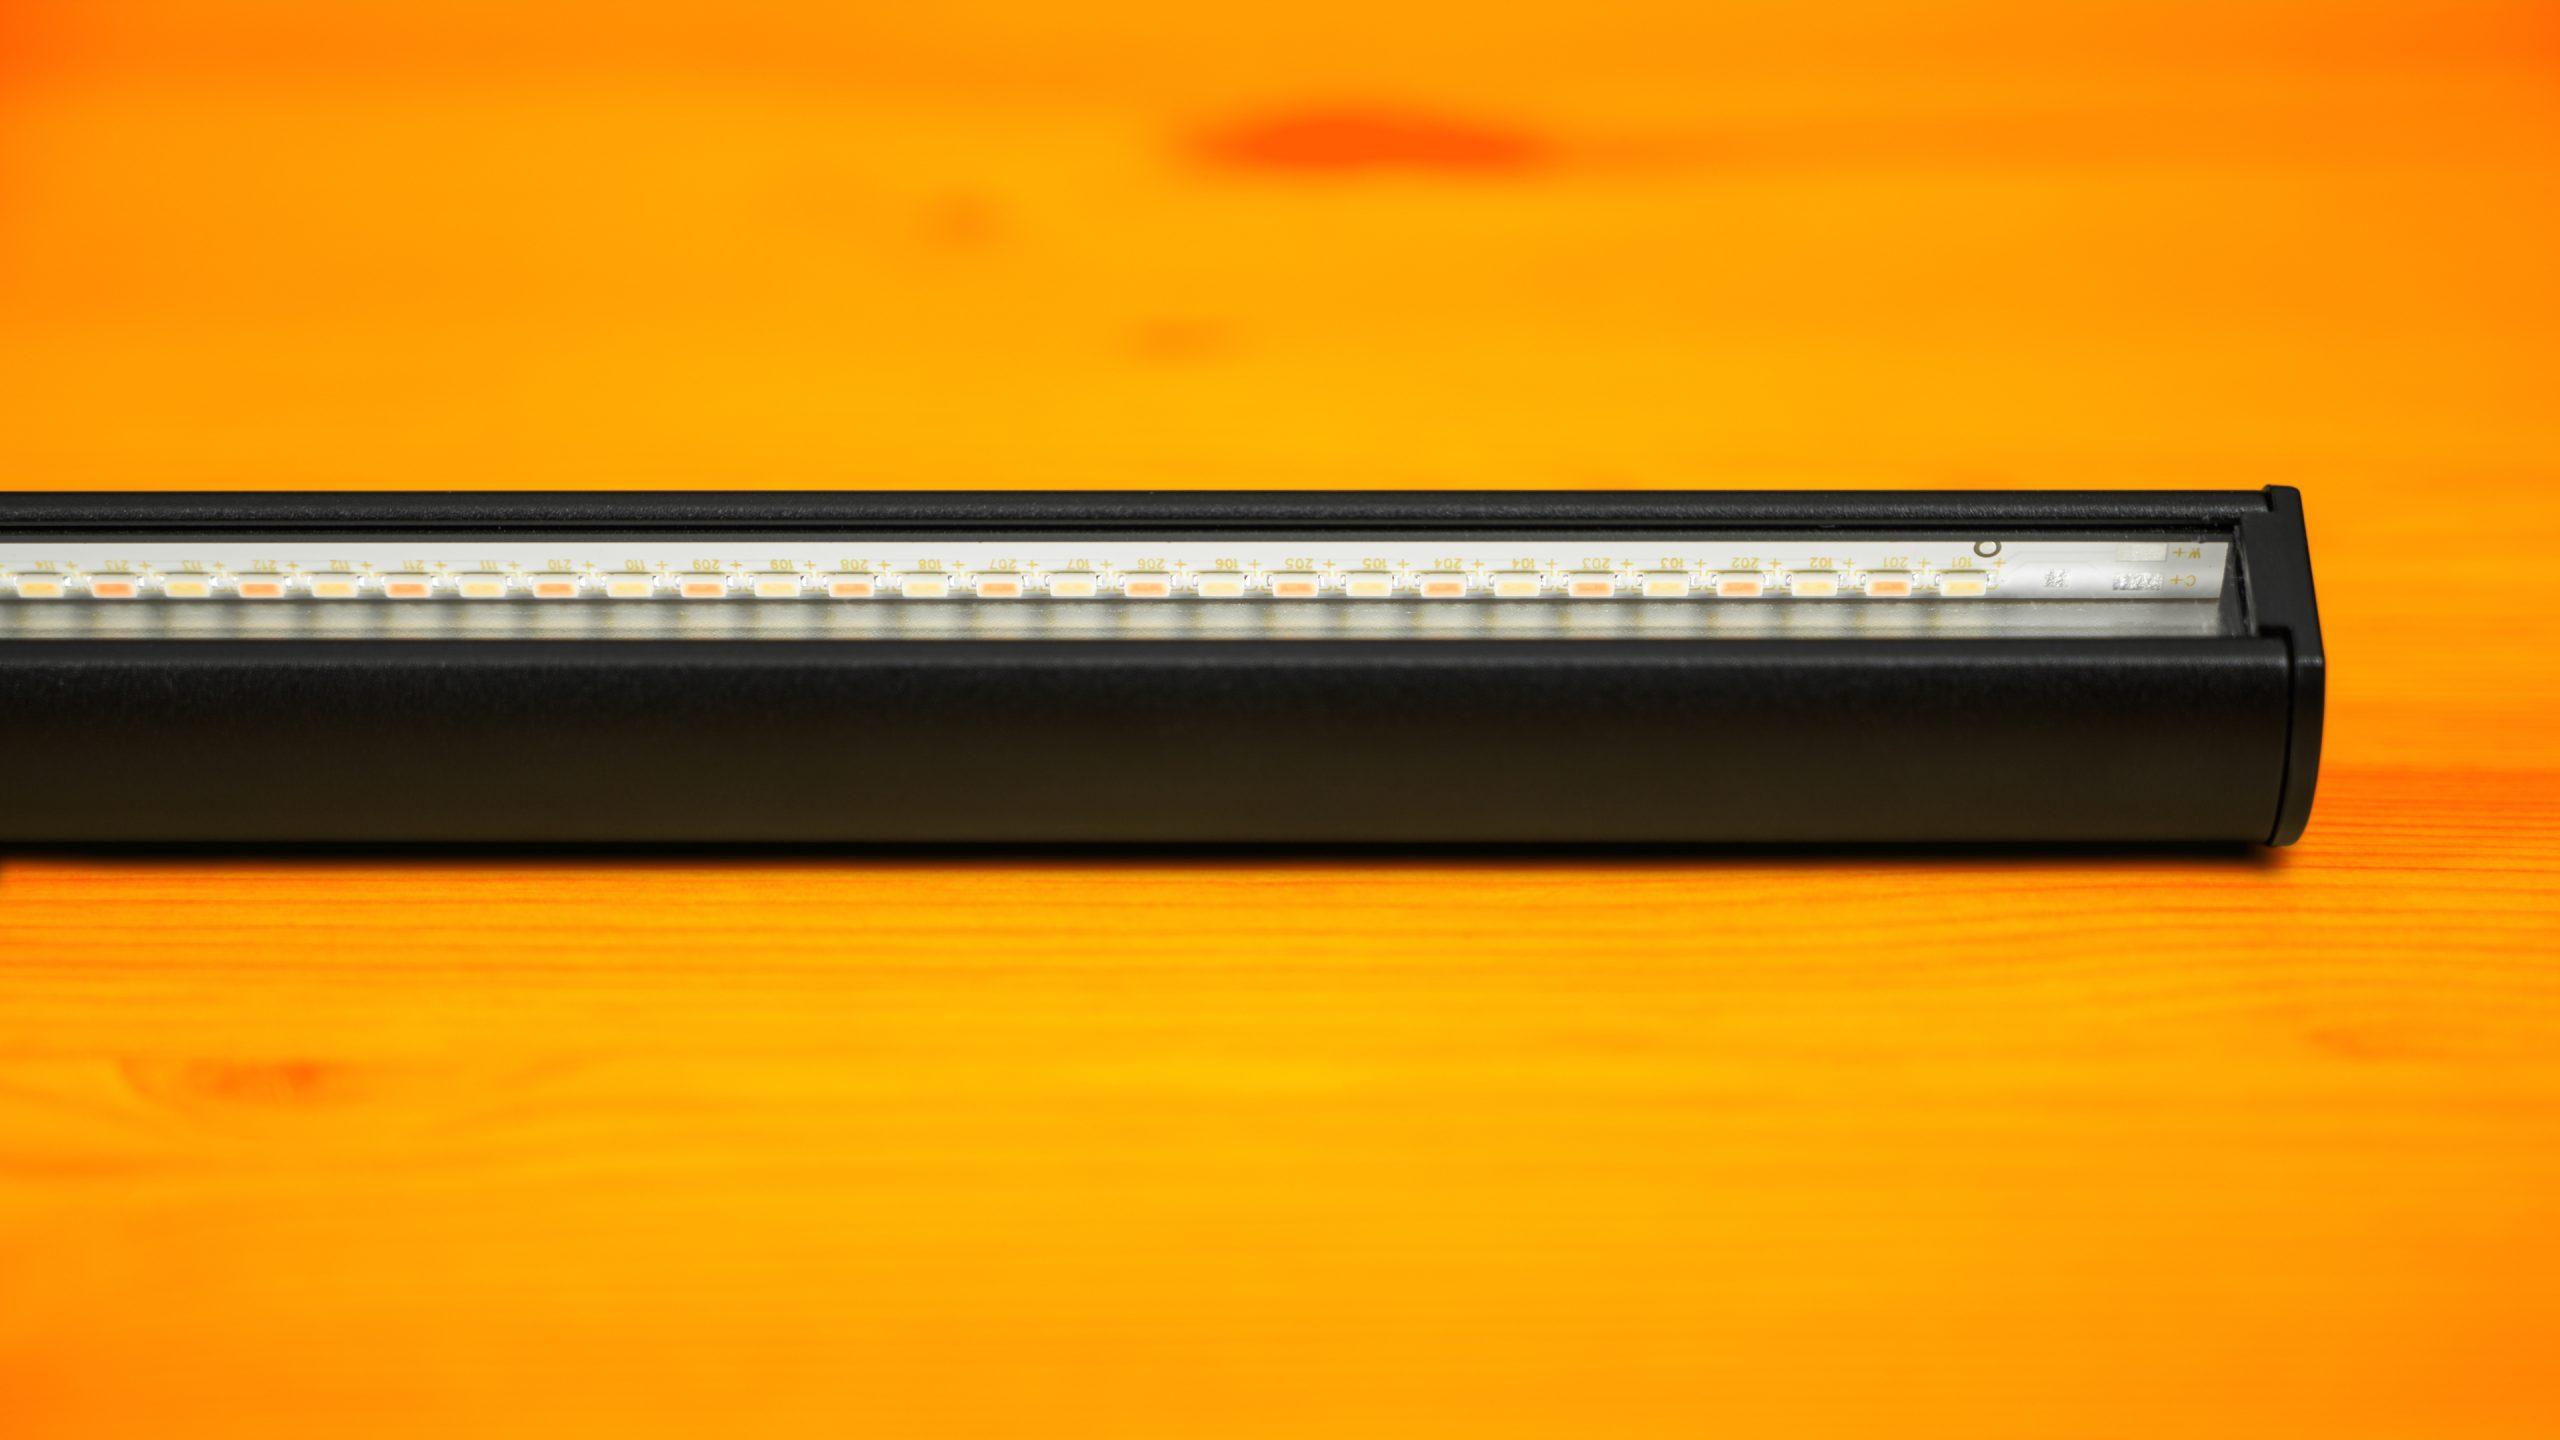 Close-up van de onderzijde van de BenQ ScreenBar, met daarop de LED-verlichting duidelijk zichtbaar.